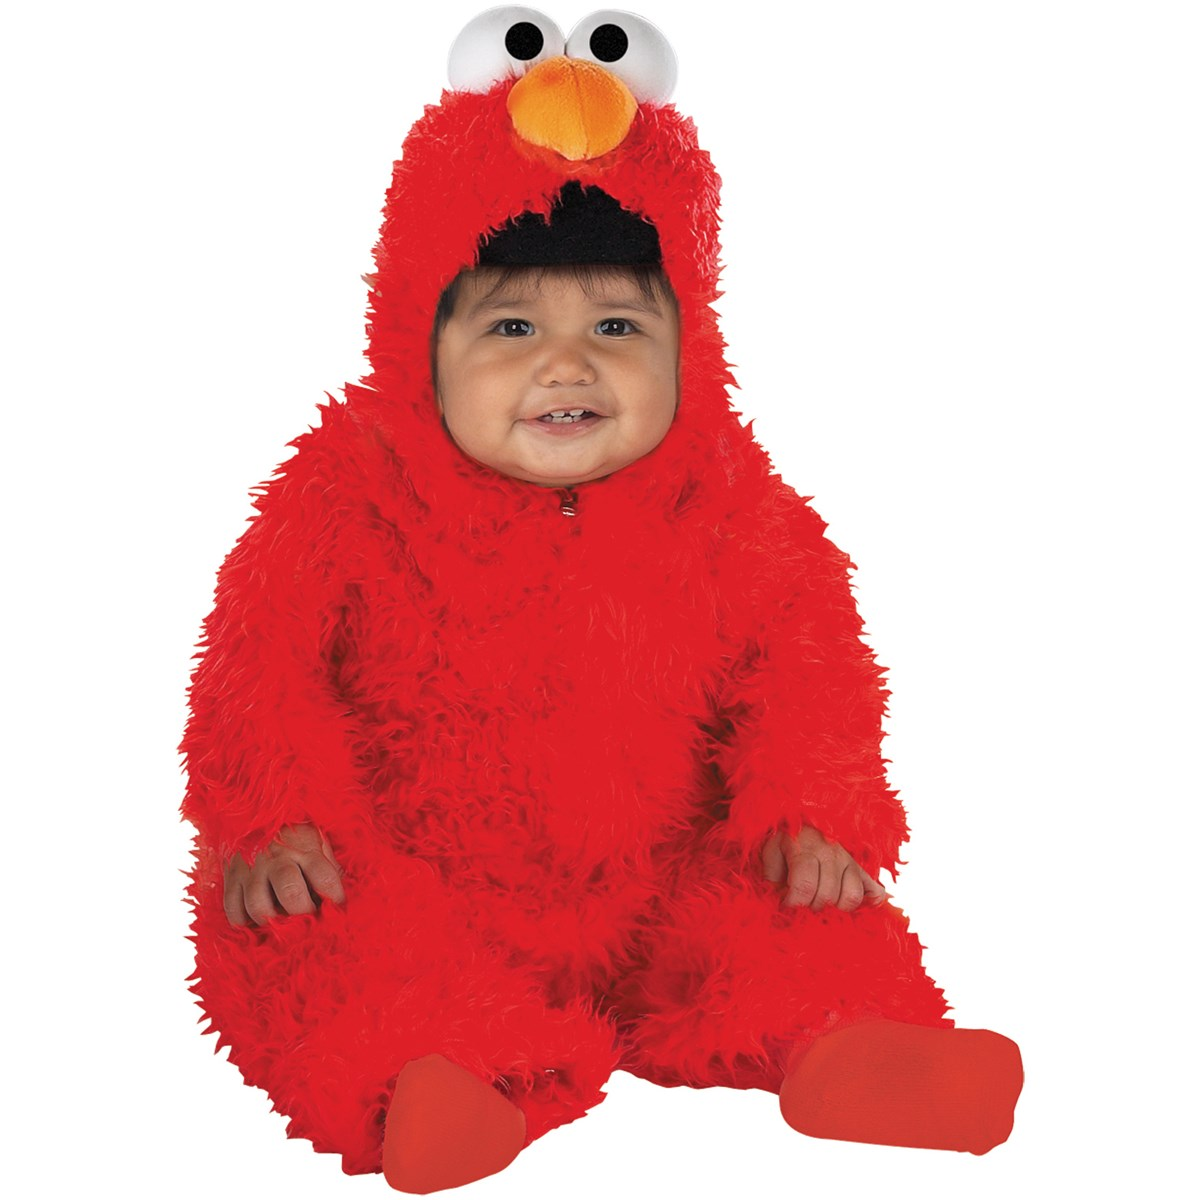 elmo plush deluxe infant costume buycostumescom - Halloween Costumes Elmo